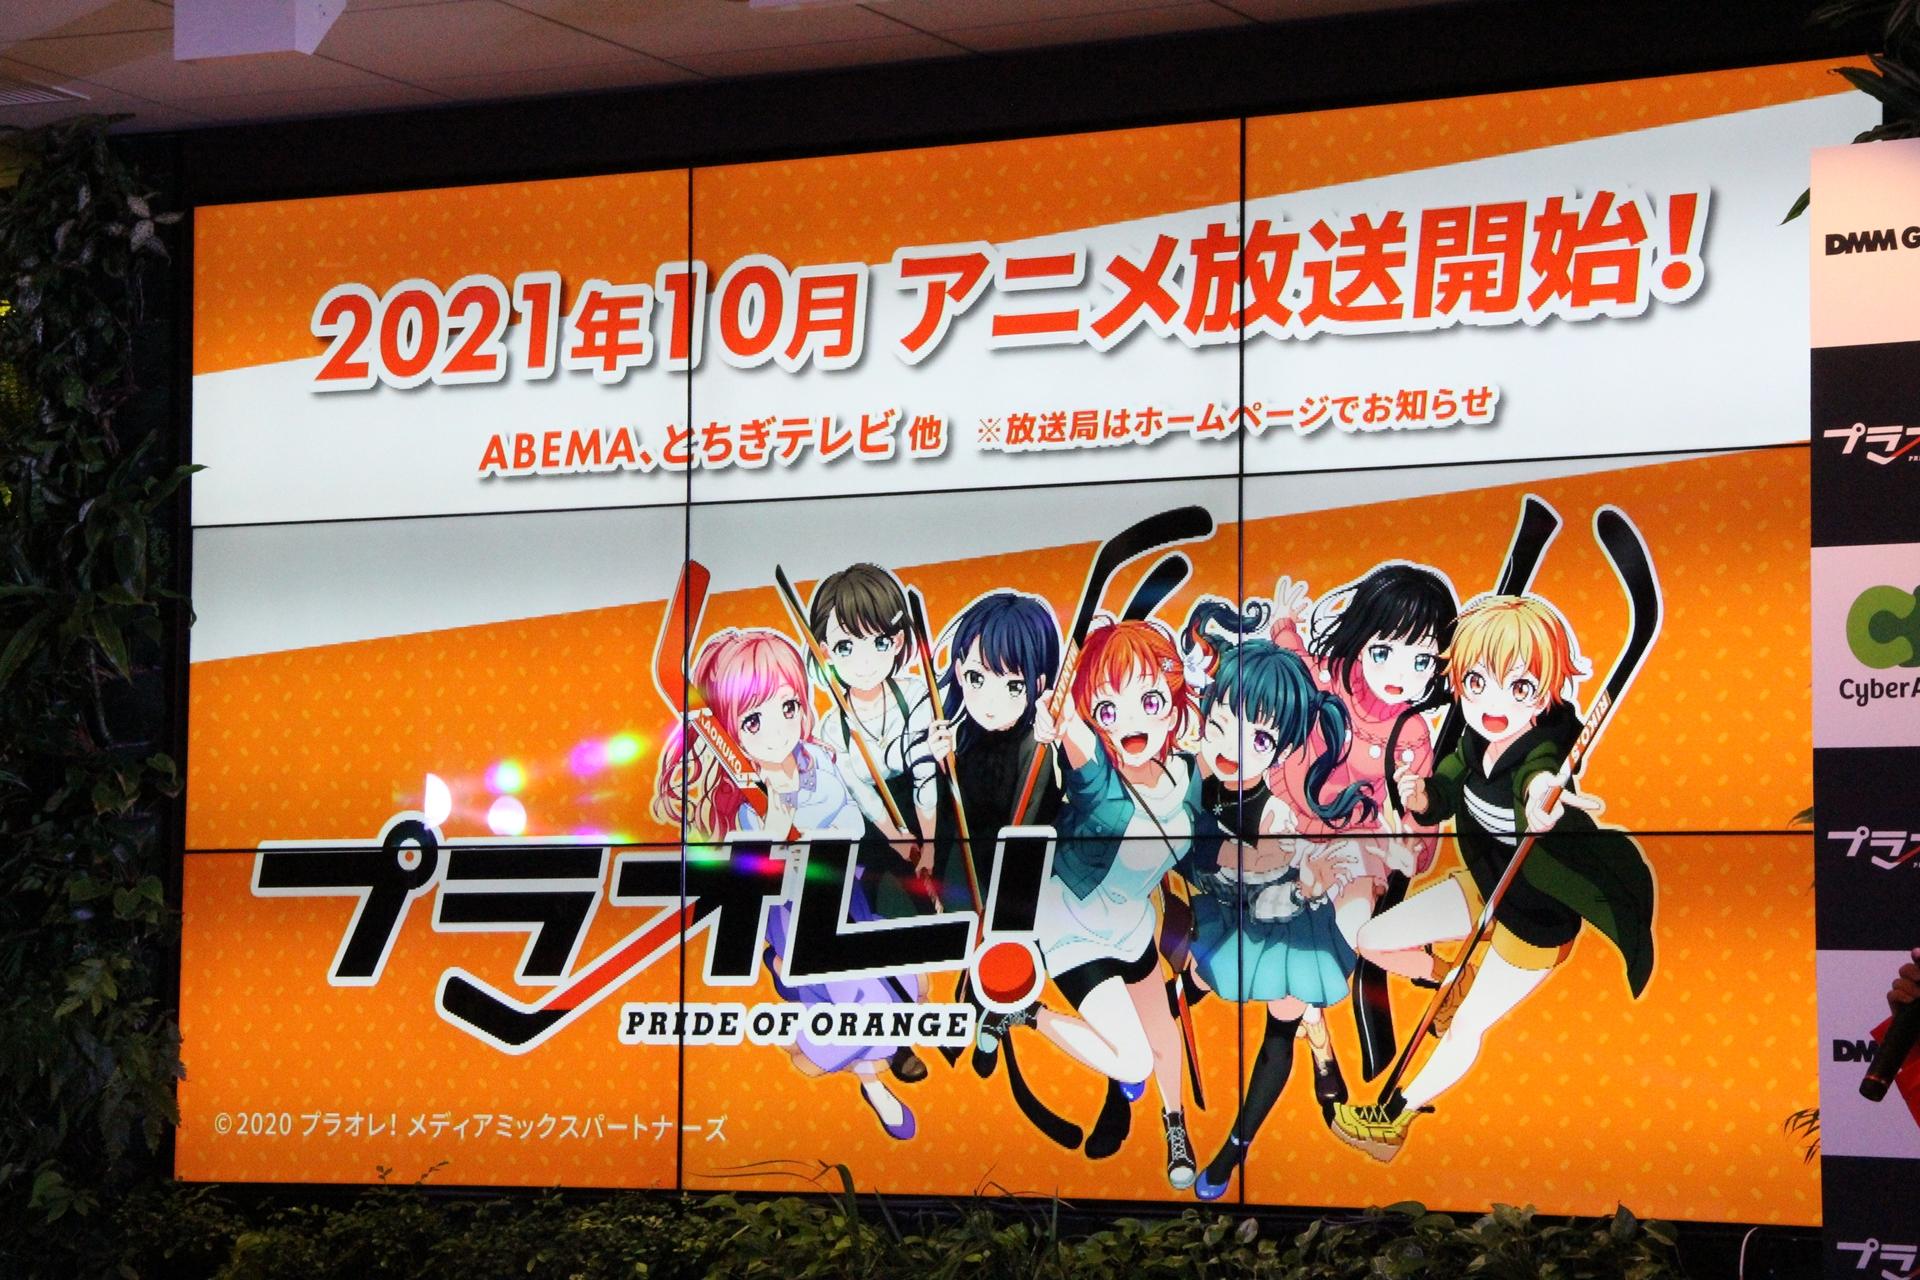 2021年放送開始のアニメは、とちぎテレビをはじめとした放送局で放映予定